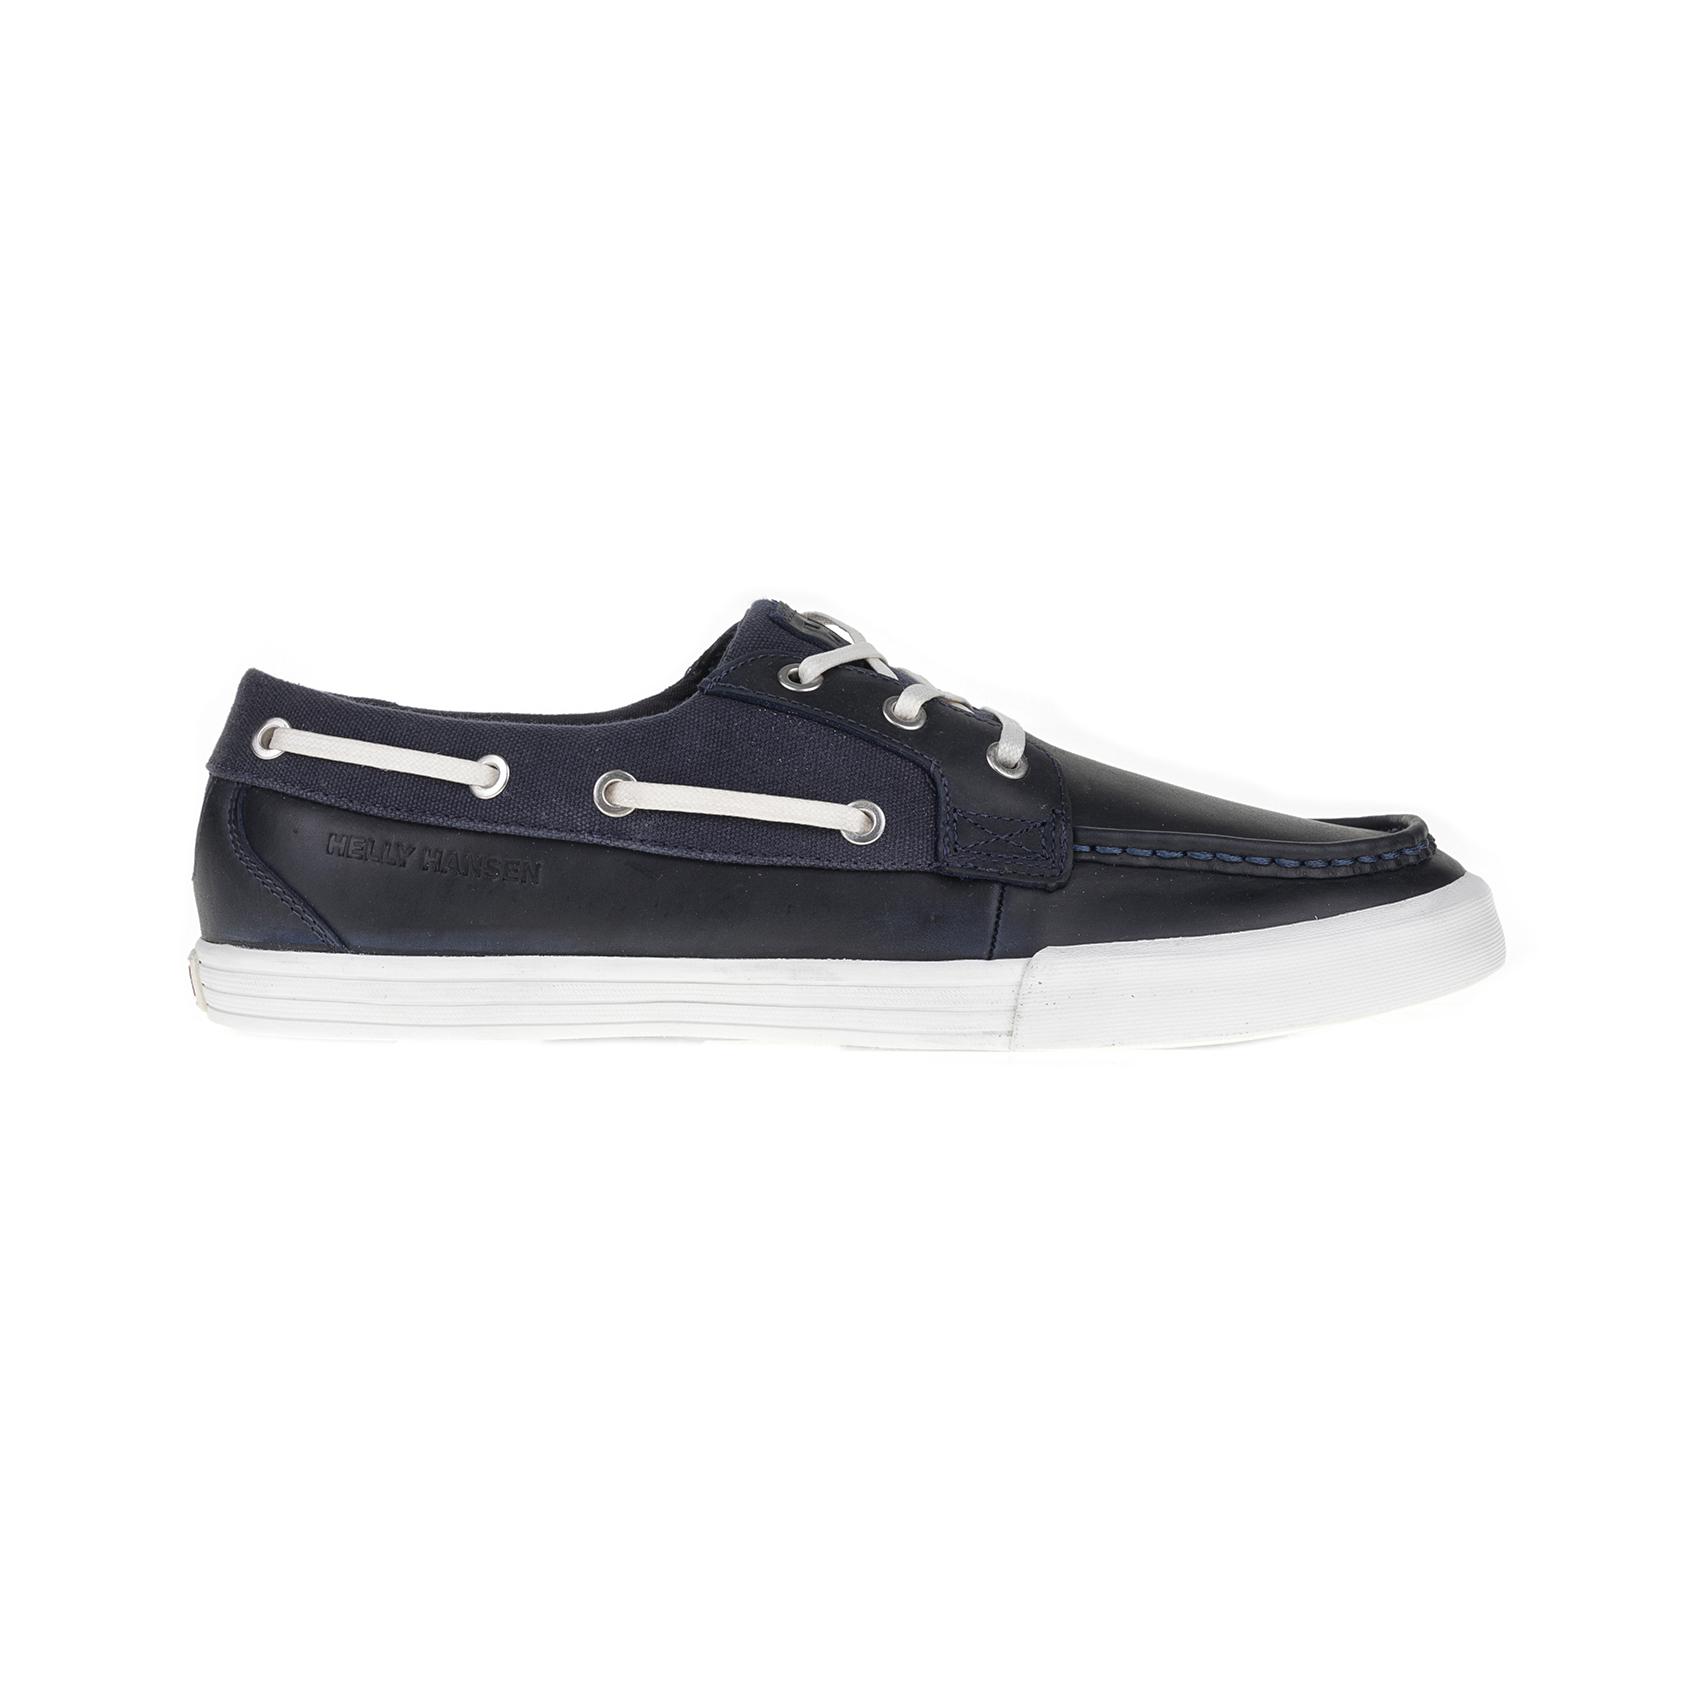 HELLY HANSEN – Ανδρικά παπούτσια HELLY HANSEN FRAMNES 2 μπλε